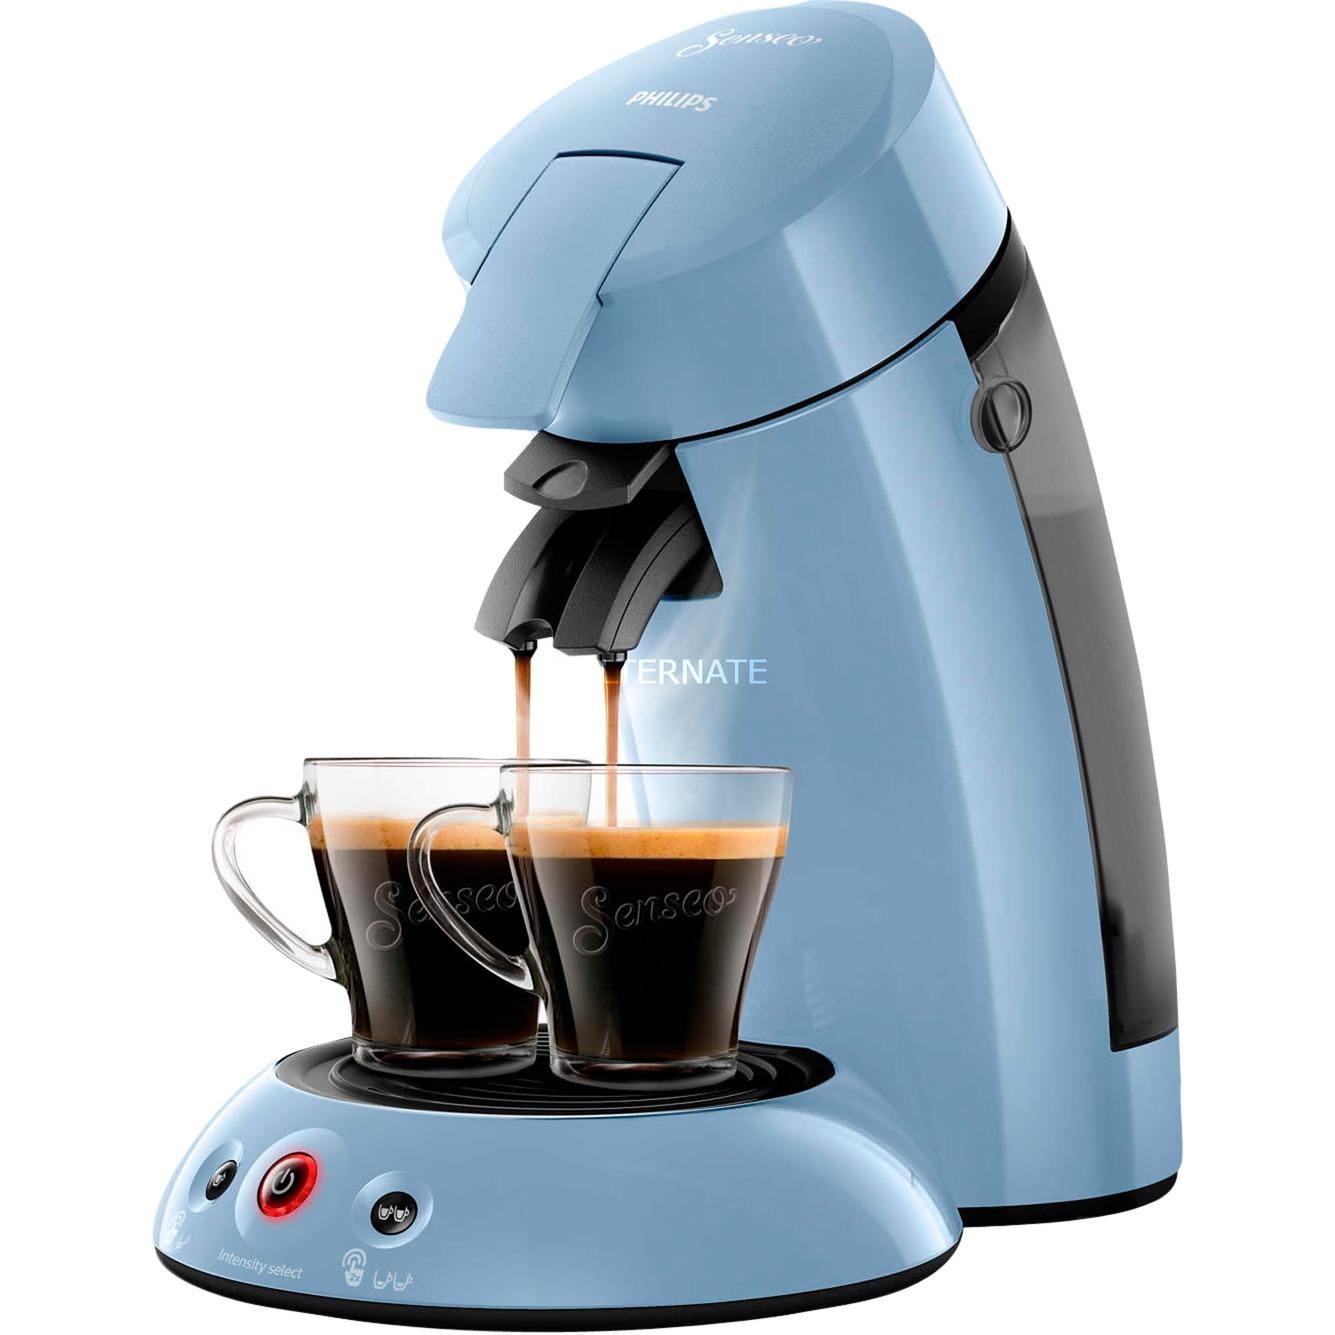 Original HD6554/70 cafetera eléctrica Independiente Máquina de café en cápsulas Azul 0,7 L Semi-automática, Cafetera monodosis